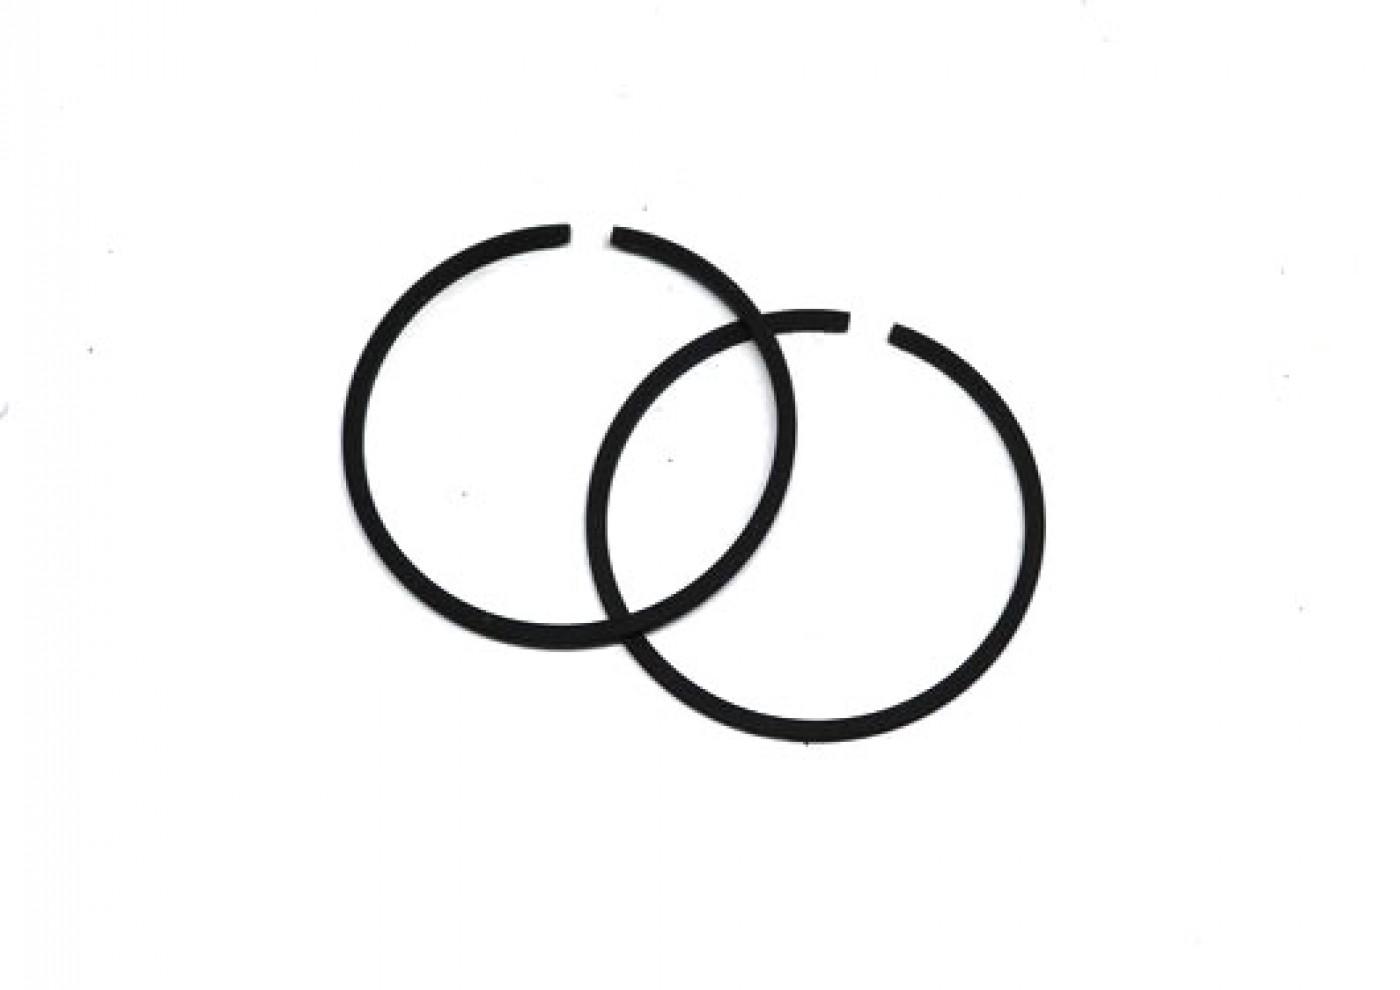 Sada kroužků Partner K650 K700